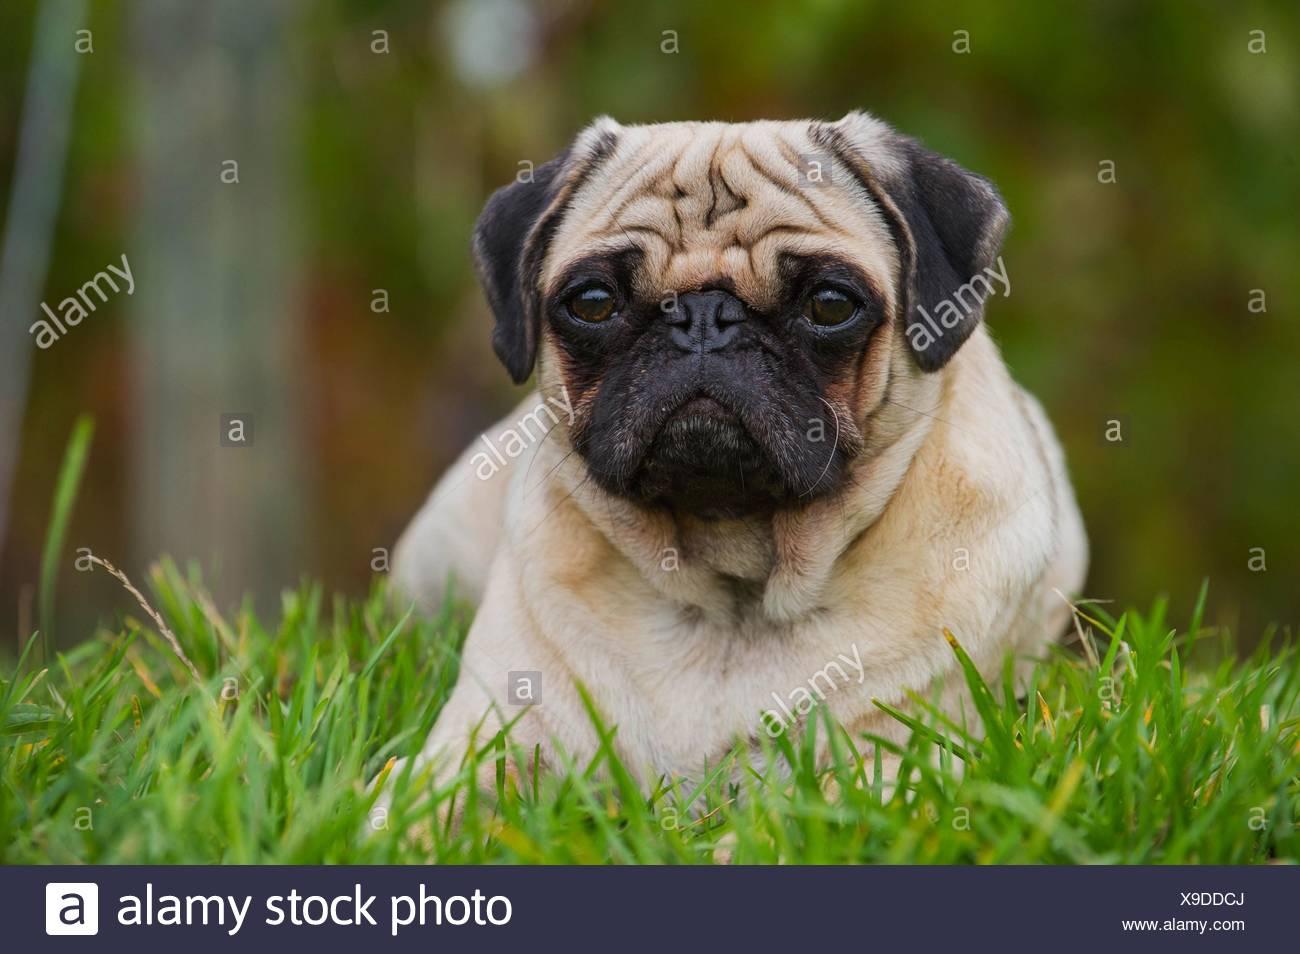 lying pug - Stock Image